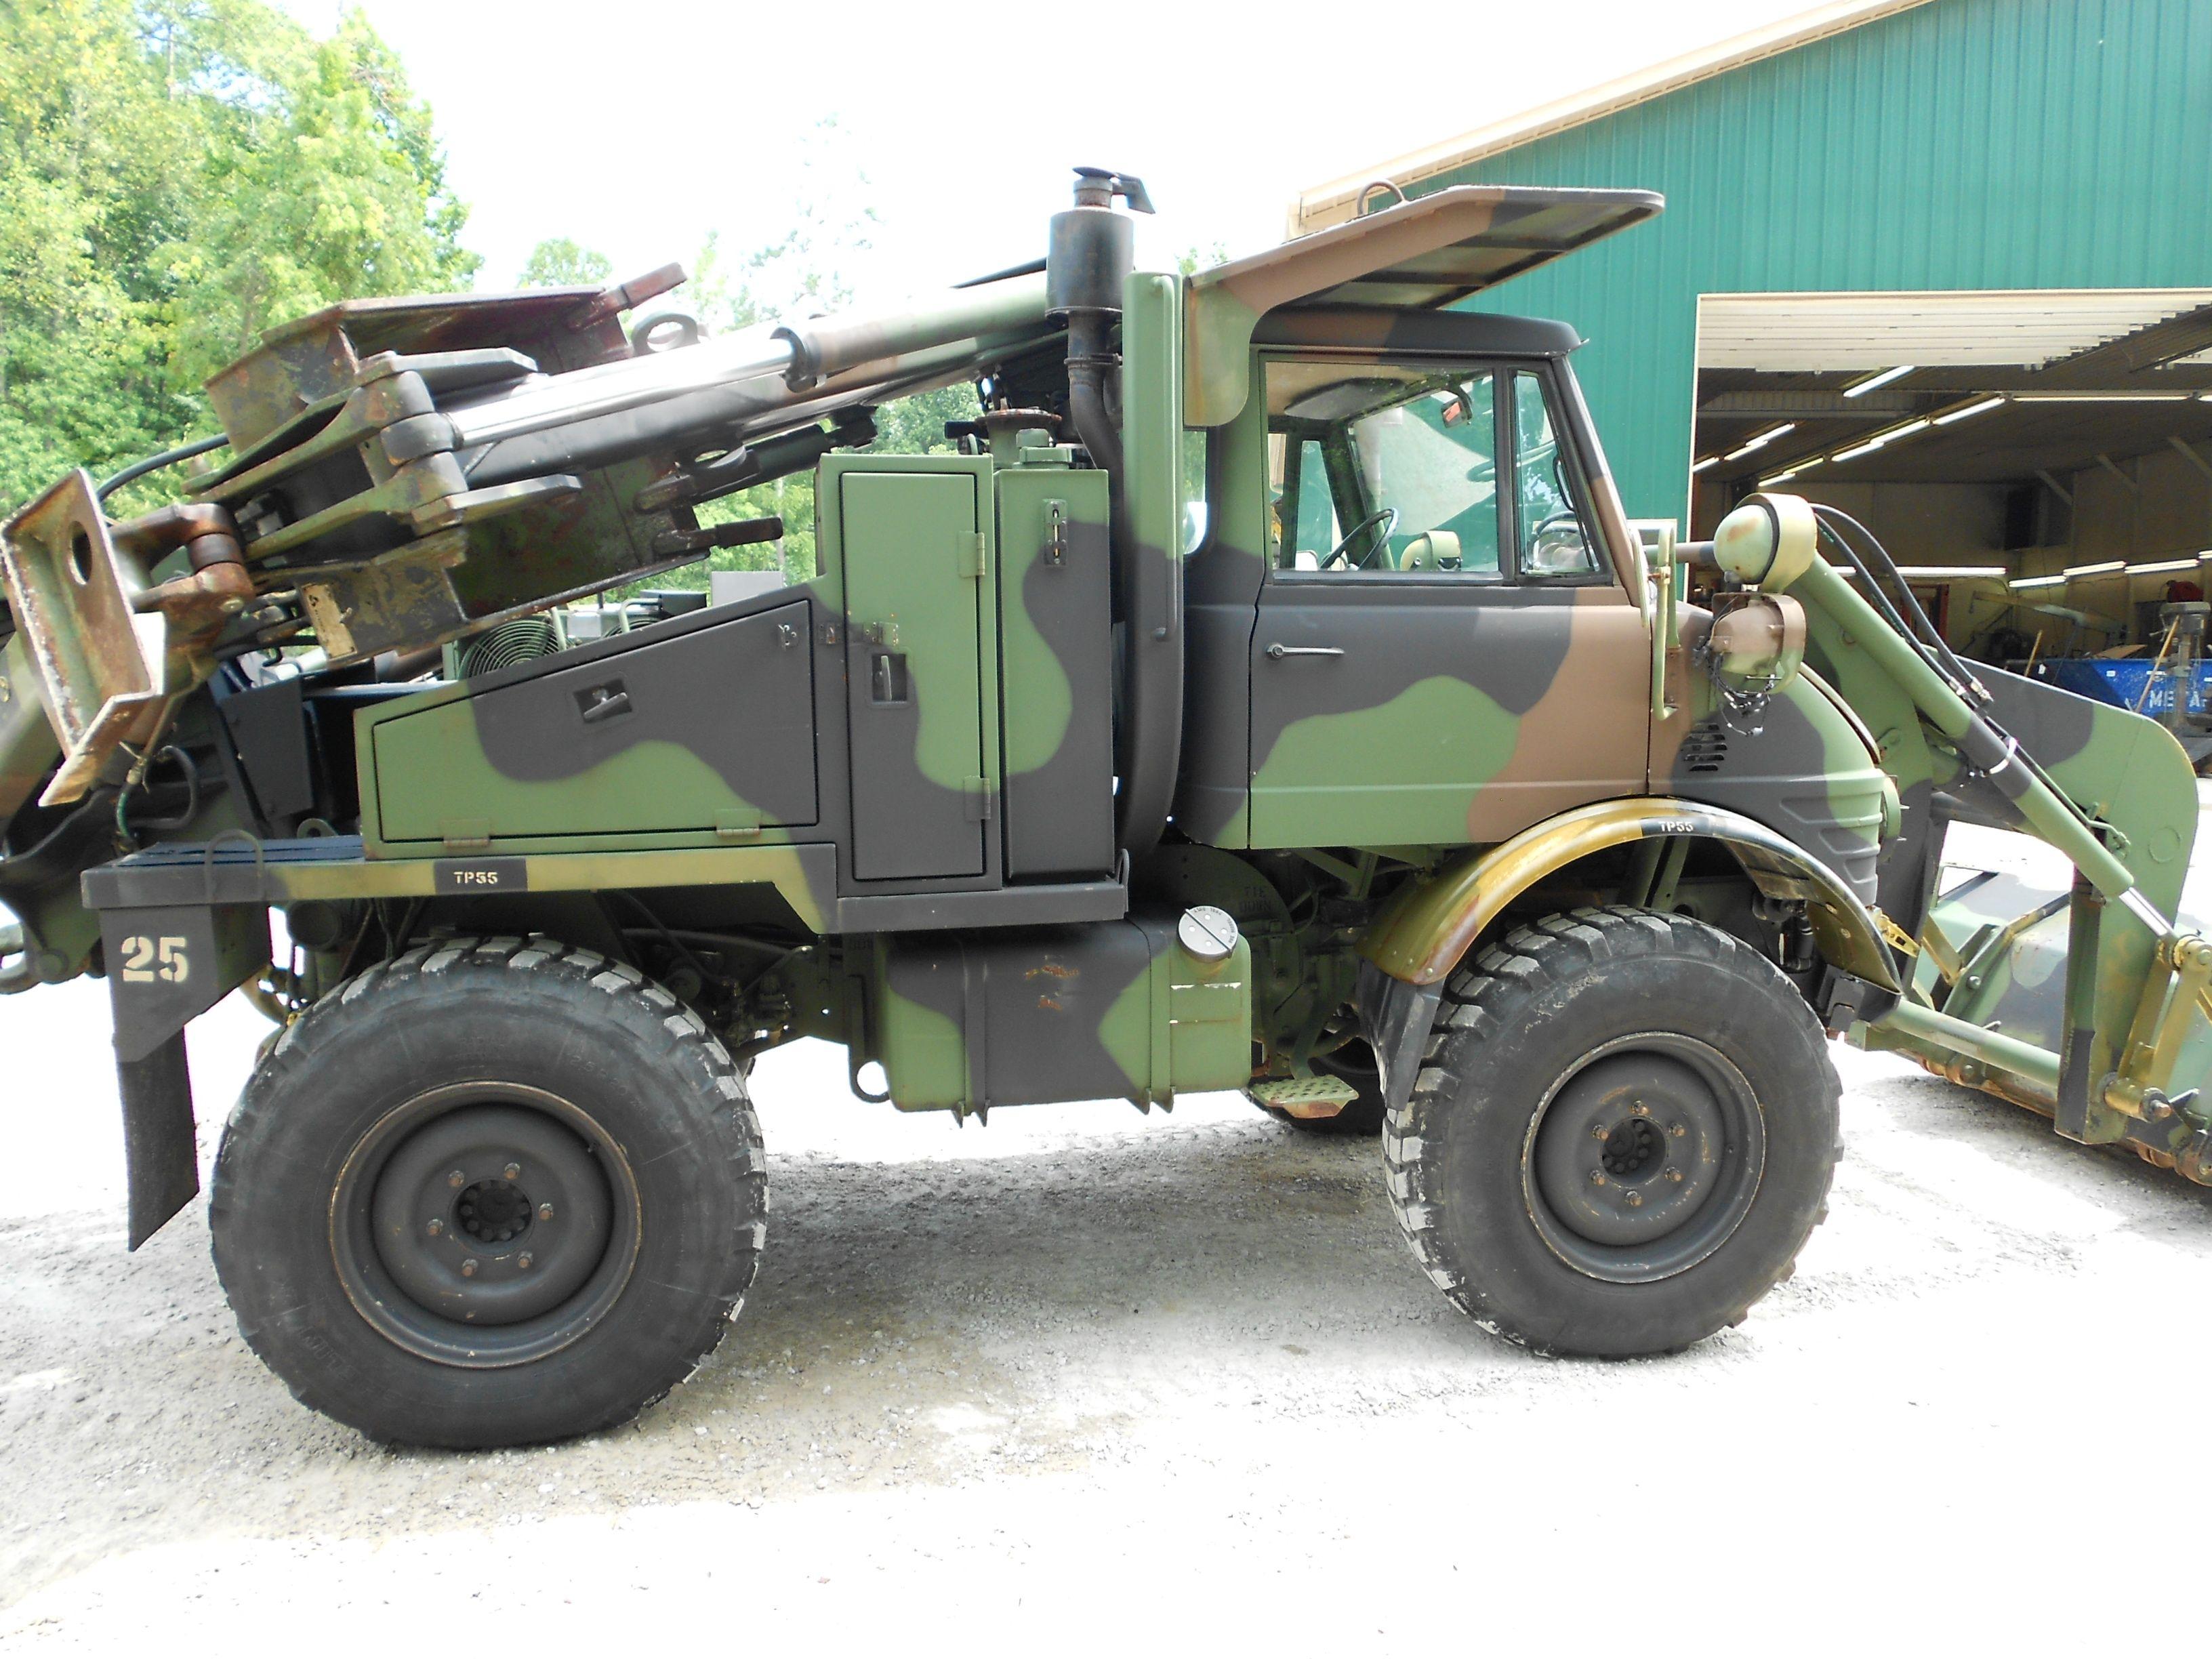 Military unimog loader and backhoe